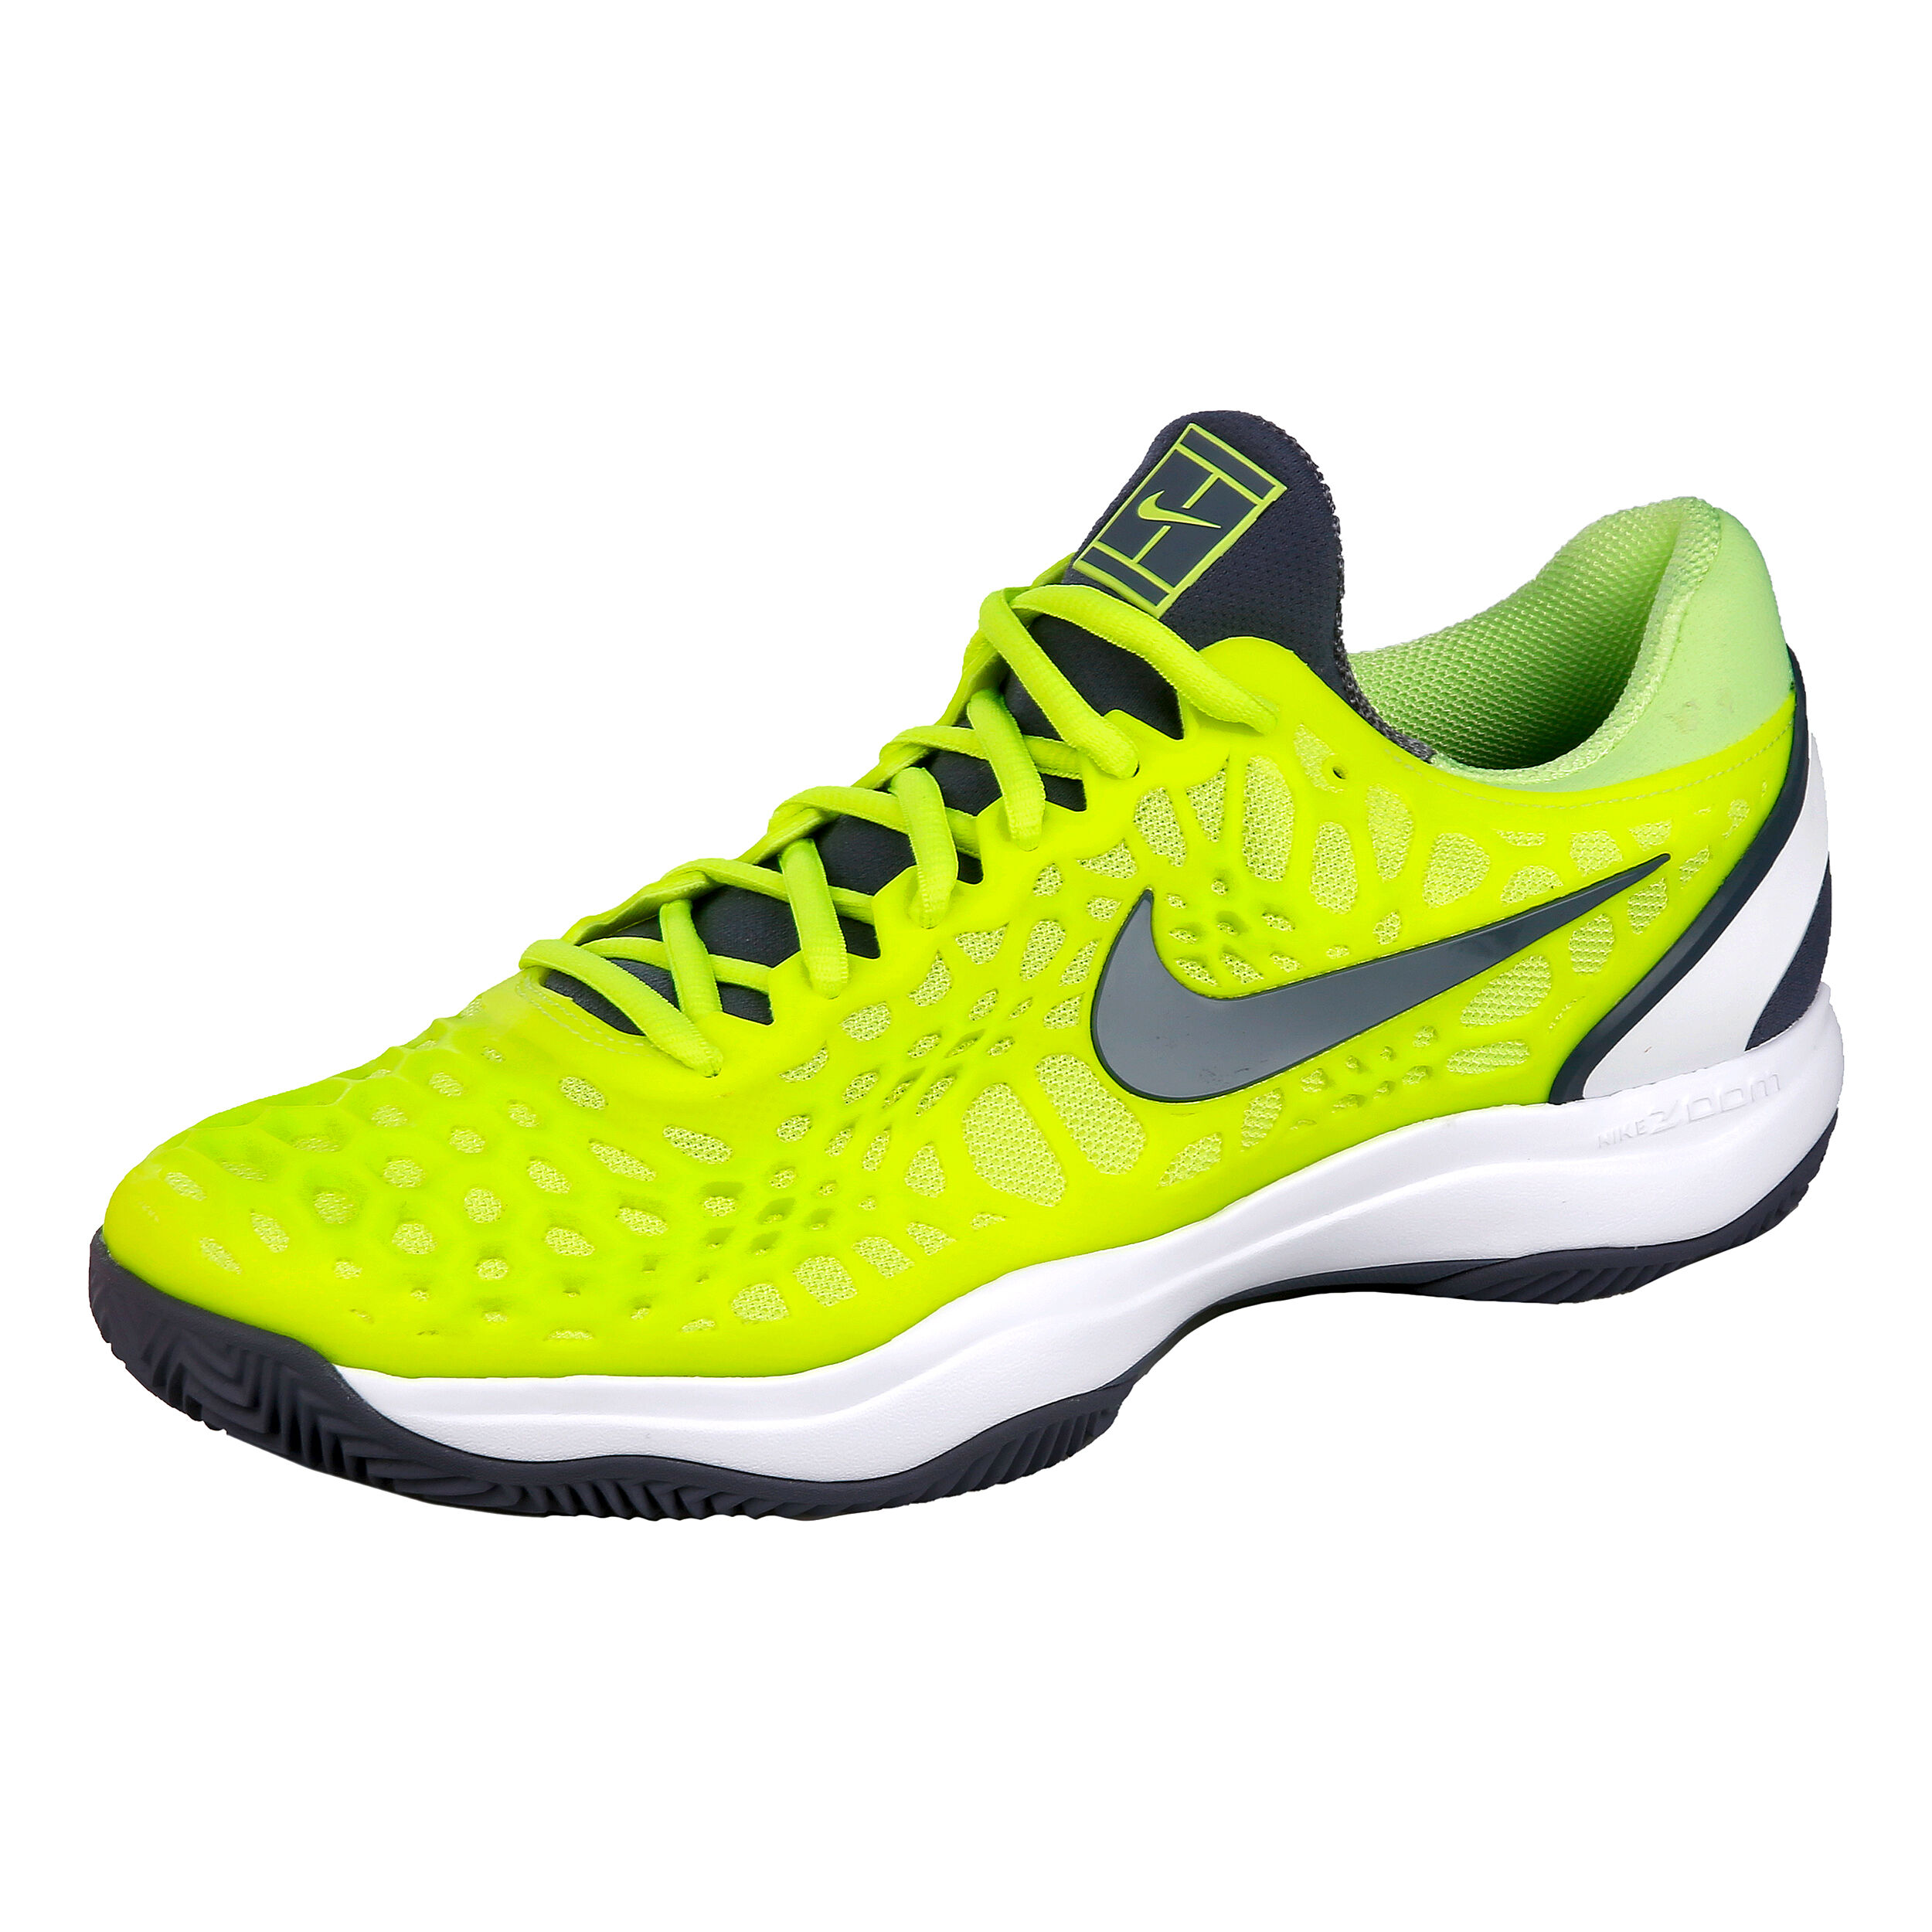 Nike Zoom Cage 3 Clay Sandplatzschuh Herren Zitronengelb